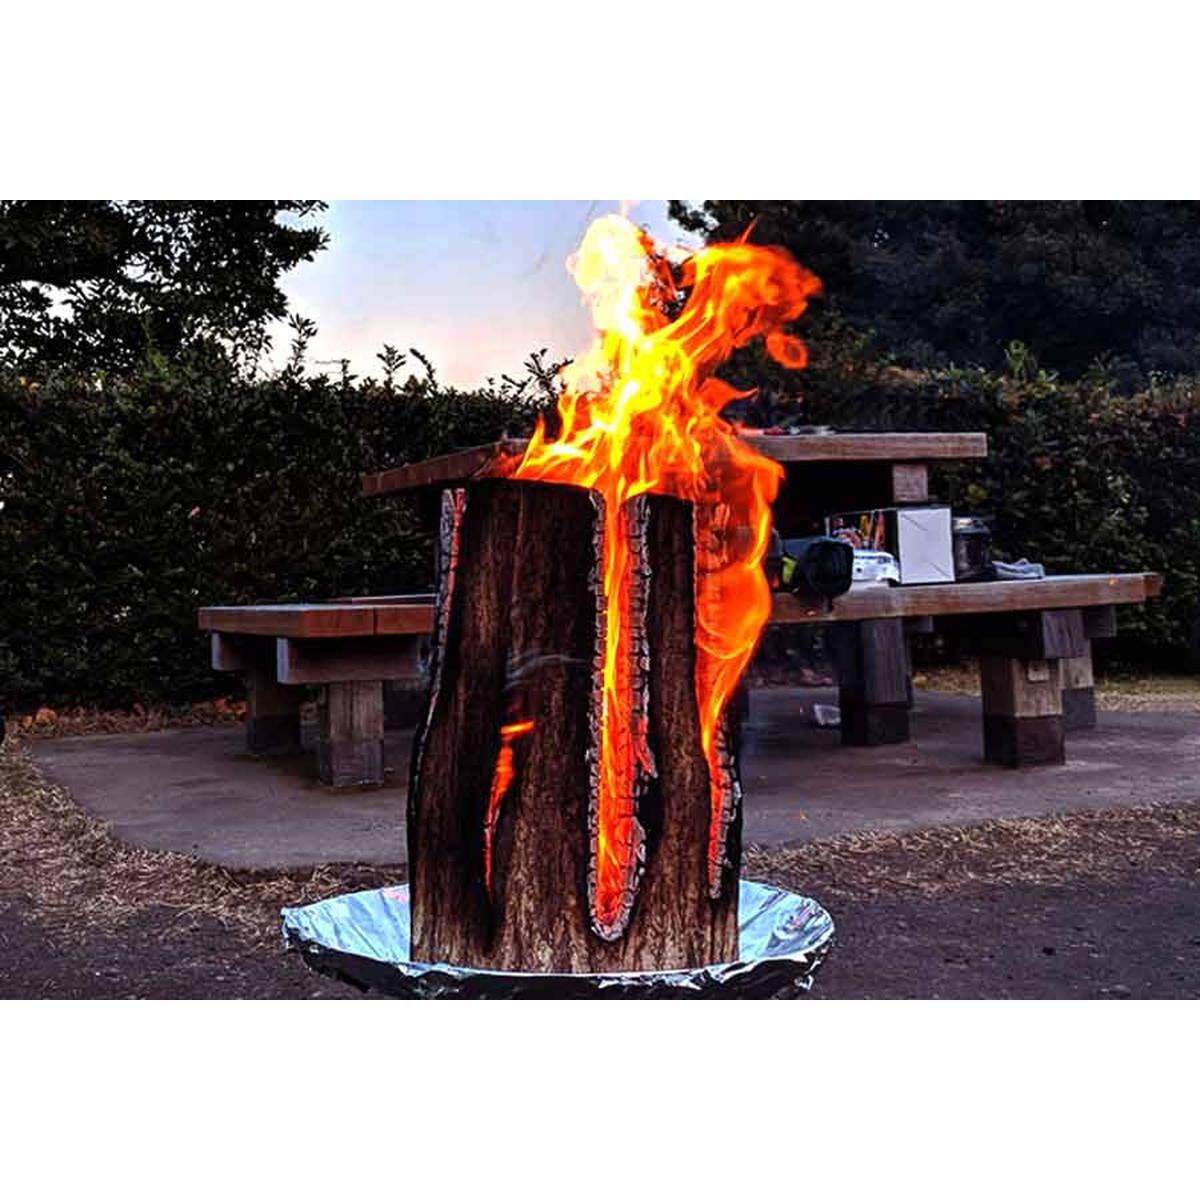 丸太を使った伝統の焚き火「スウェーデントーチ」が冬のキャンプに最適!